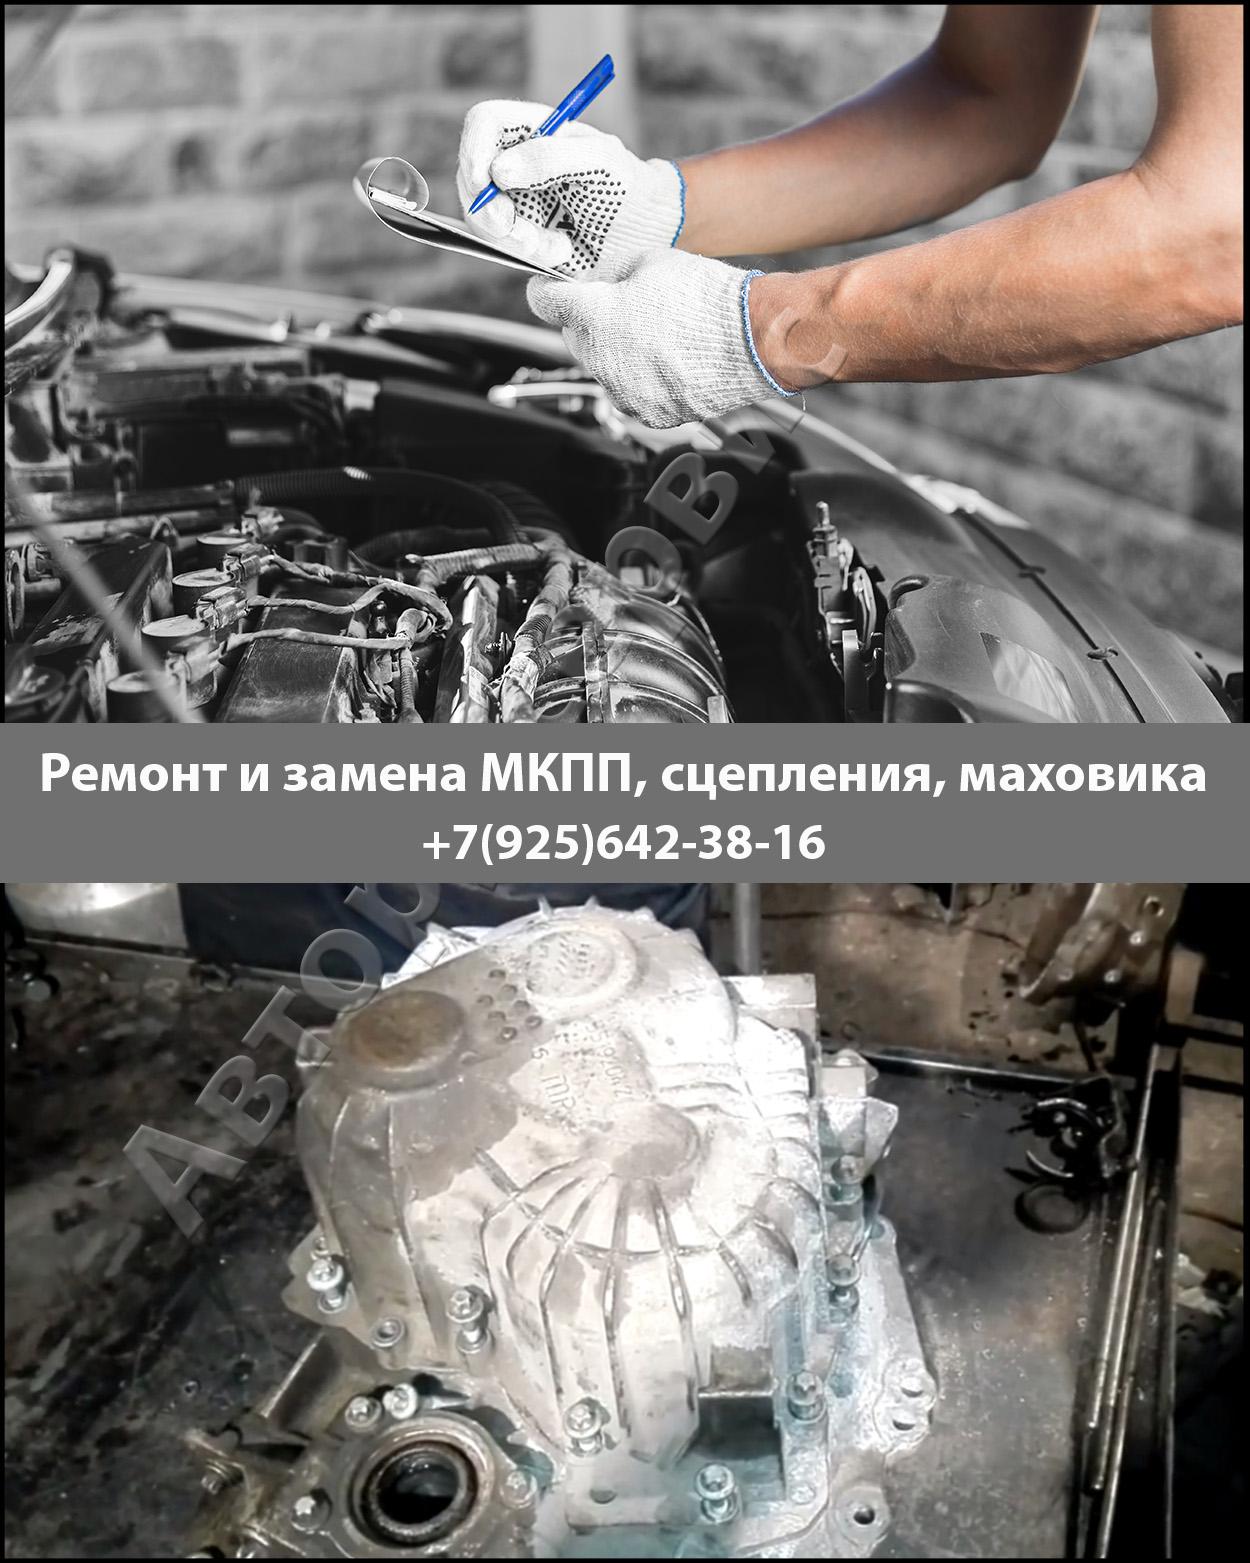 Фото ремонта МКПП Lifan X60